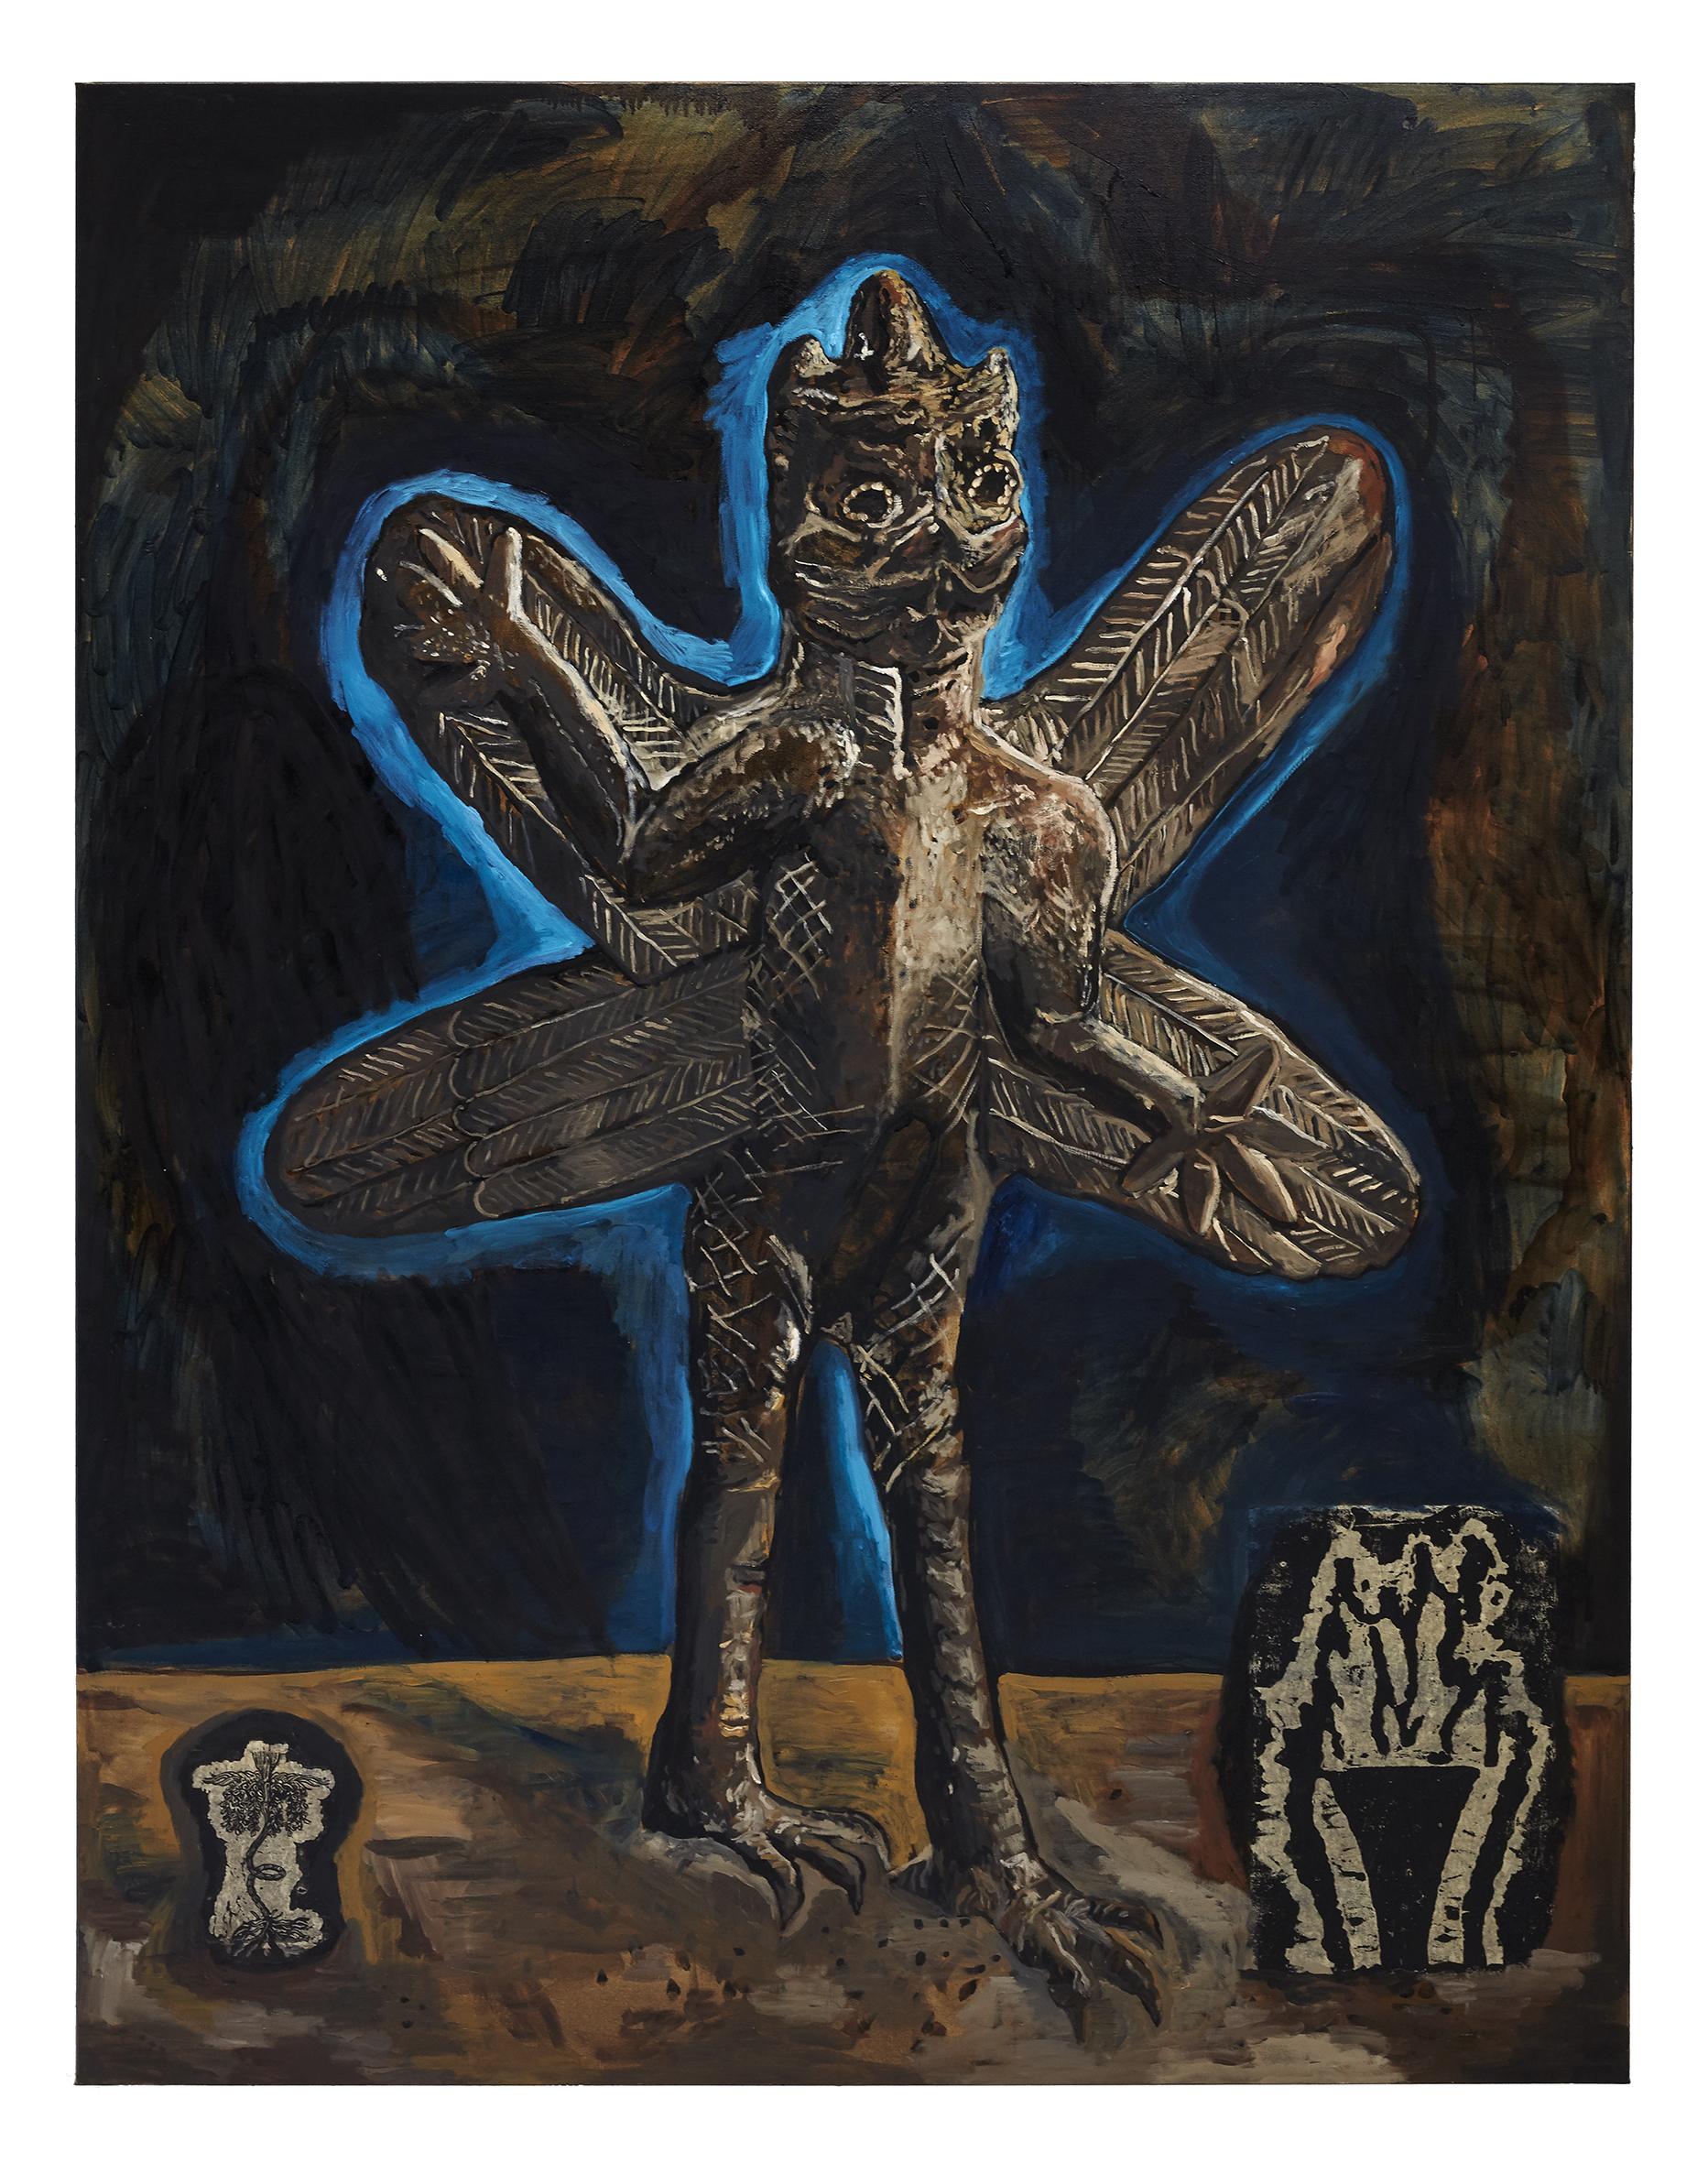 Damien Deroubaix, Conscience (Pazuzu), 2020, huile et collage sur toile, 200 x 150 cm © Thomas Lannes : Adagp, Paris, 2020, courtesy de l'artiste et galerie In Situ – fabienne leclerc, Grand Paris